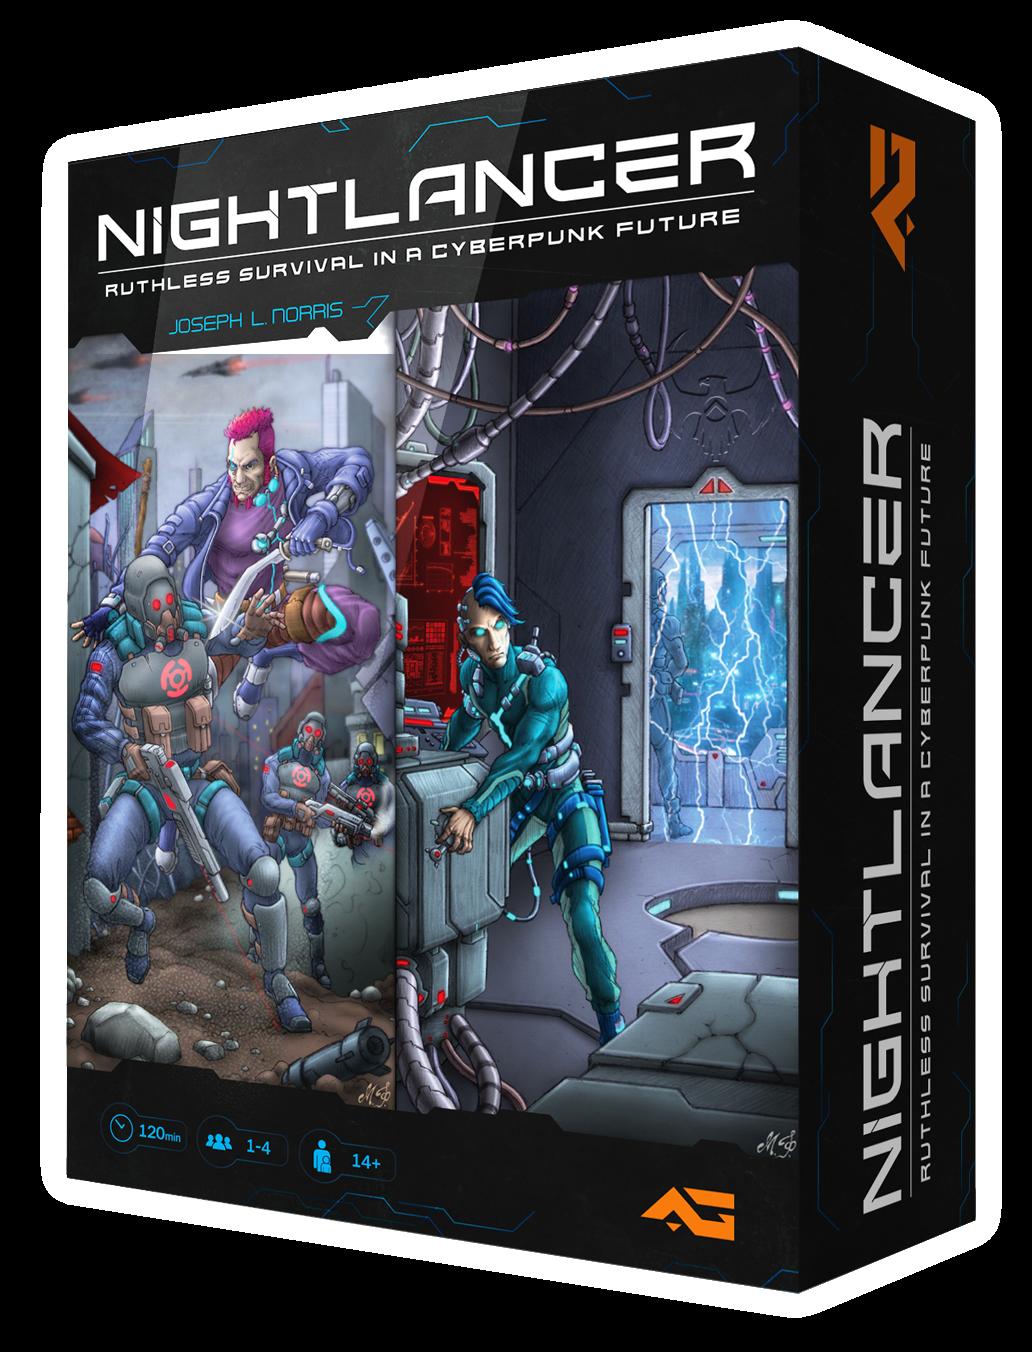 nightlancer competitive cyberpunk board game box